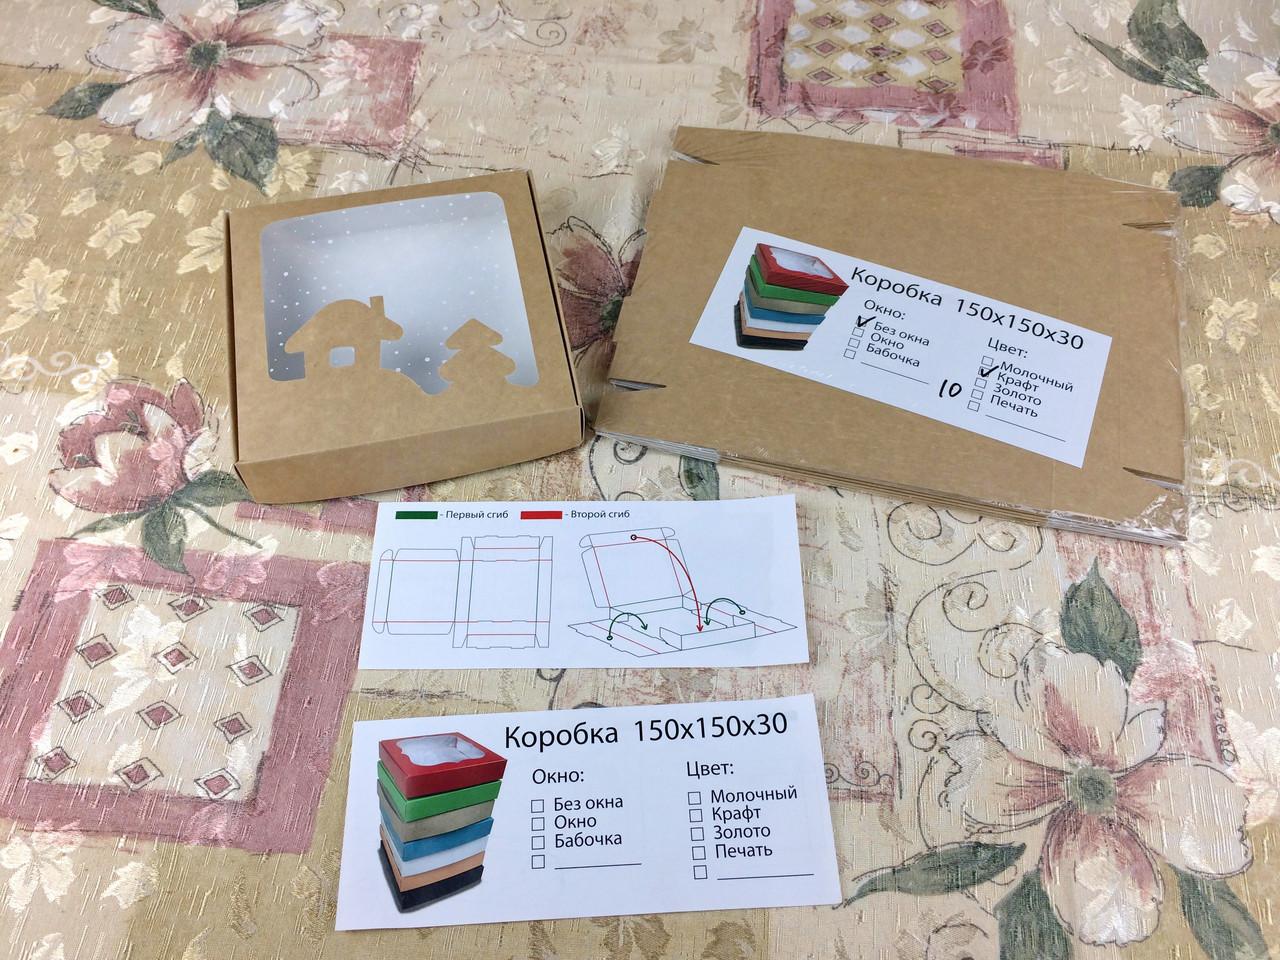 Коробка для пряников / 150х150х30 мм / Крафт / окно-НГ / НГ